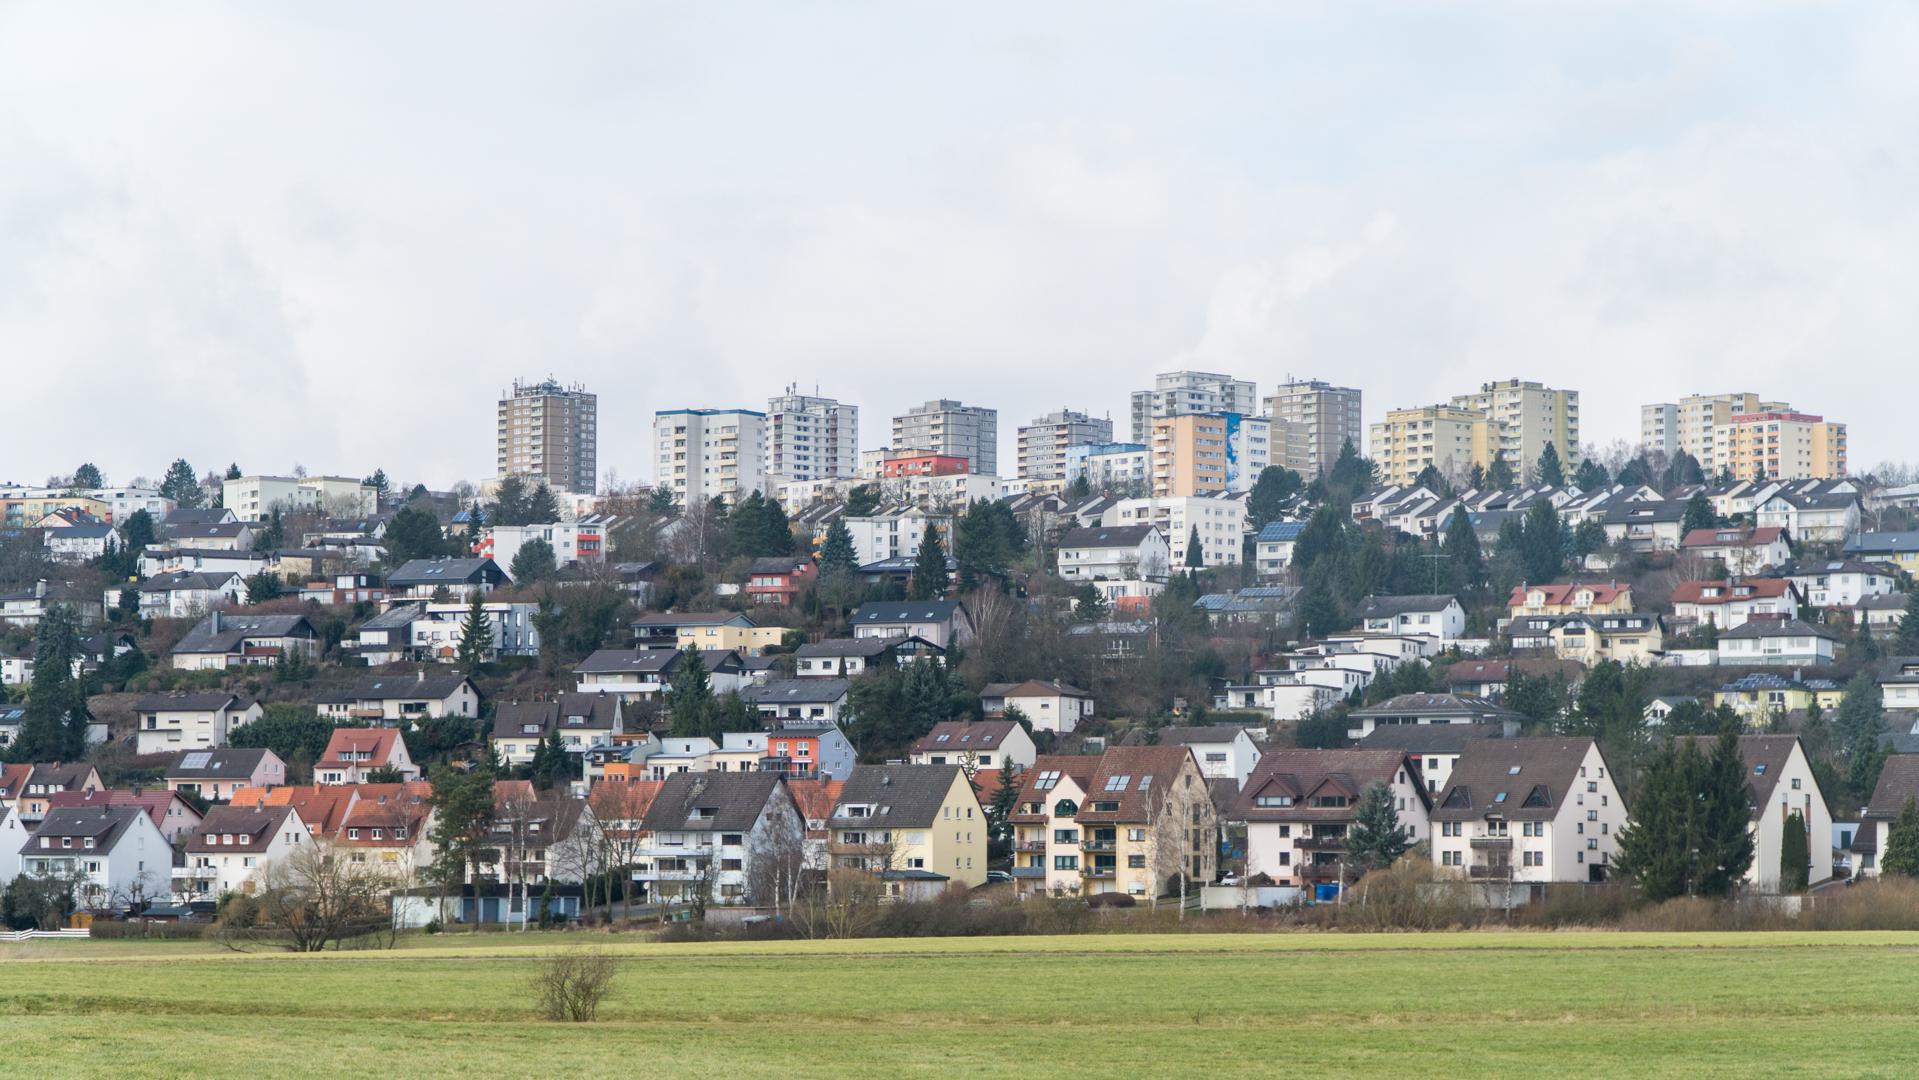 Die Hochhäuser prägen das Bild des Aschenbergs. Doch wie lebt es sich da wirklich?